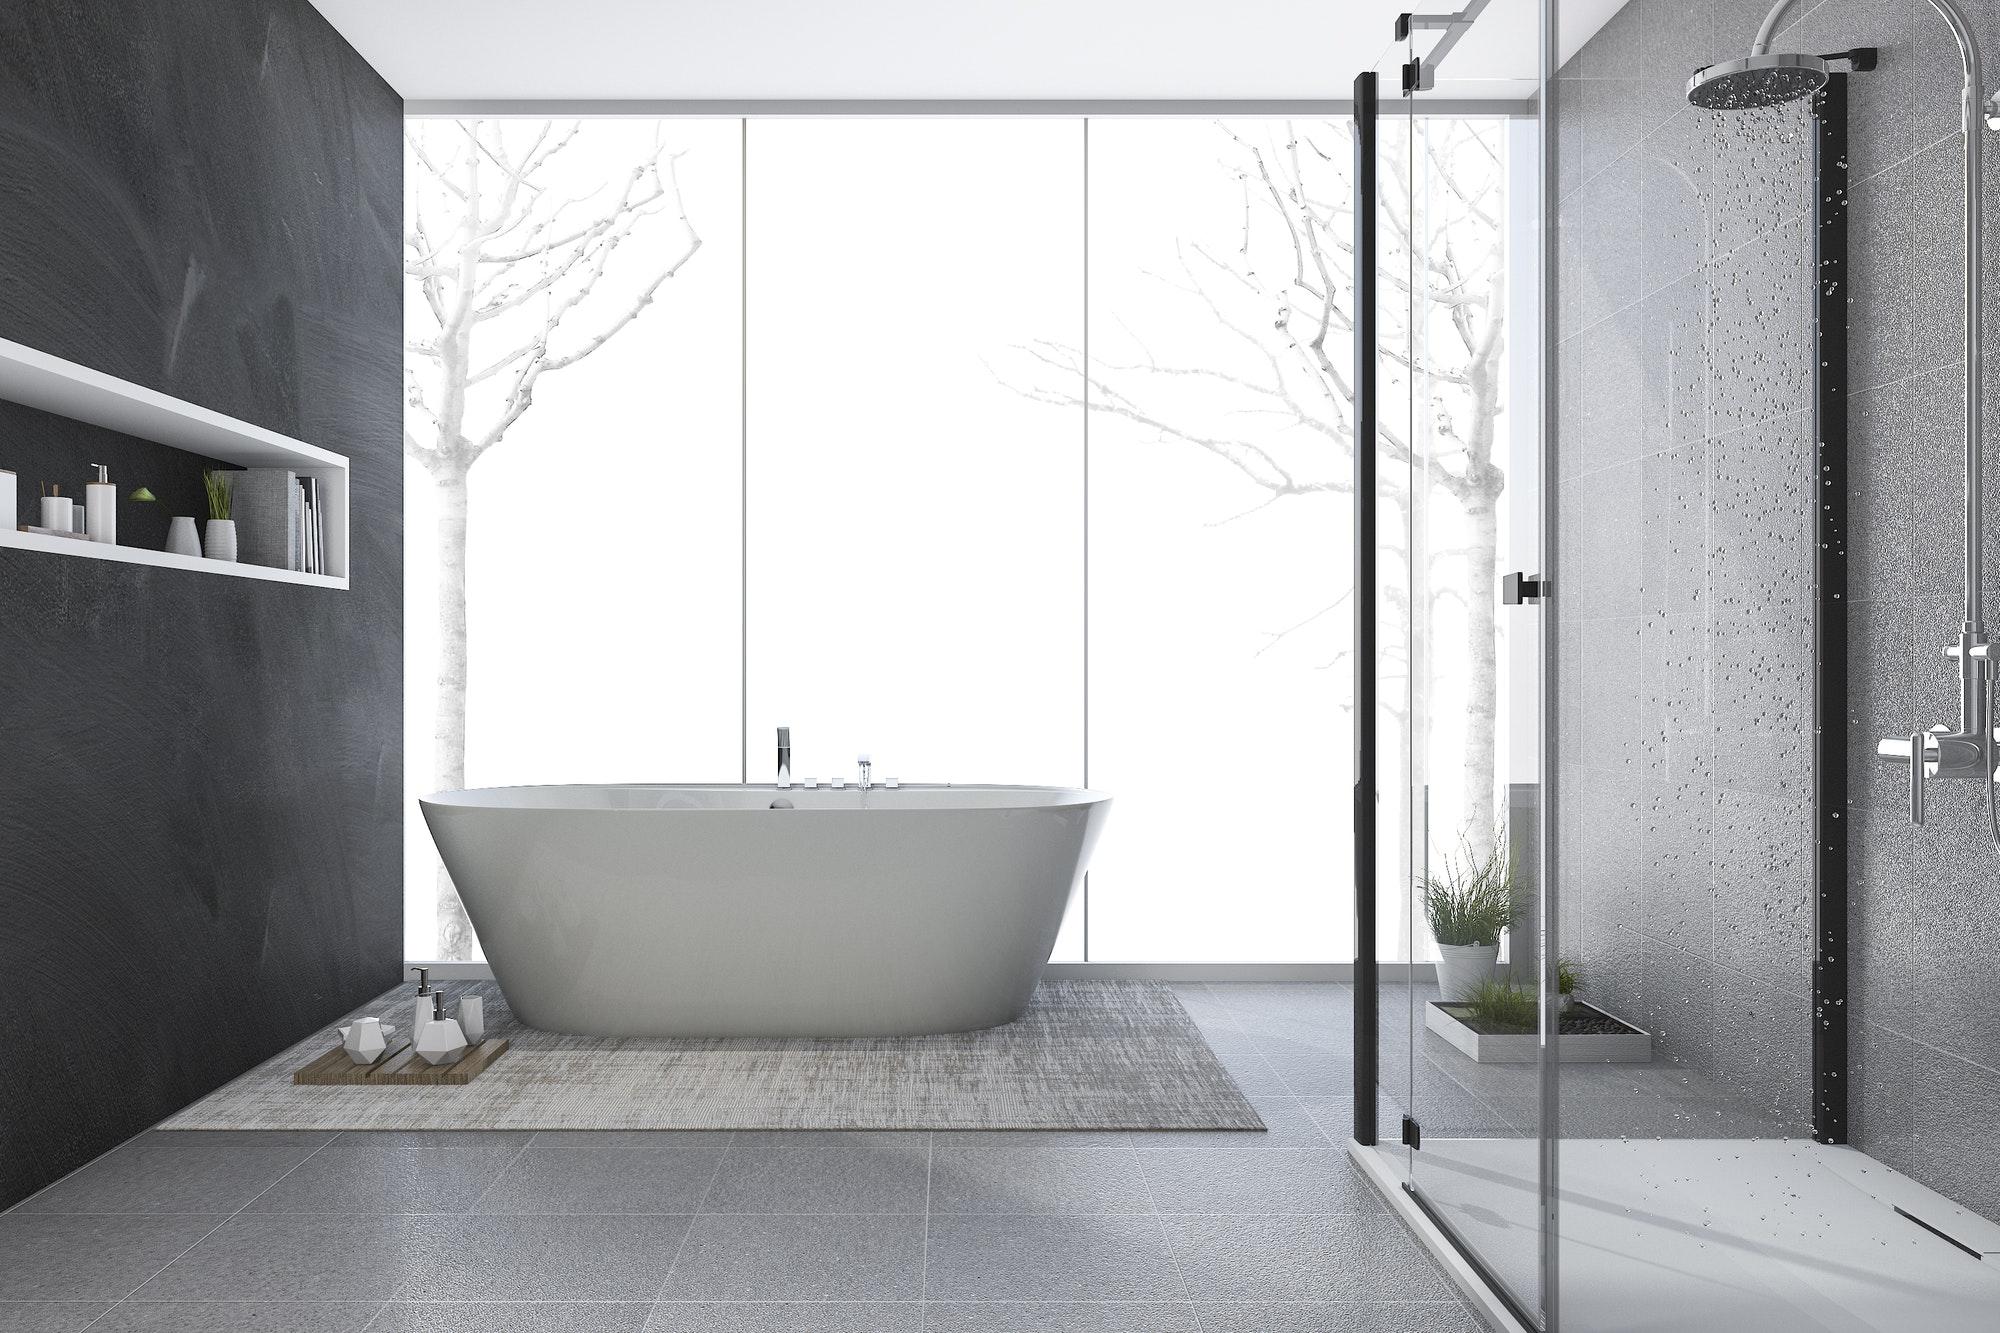 Reformas Baños reforma integral modern design bathroom in winter